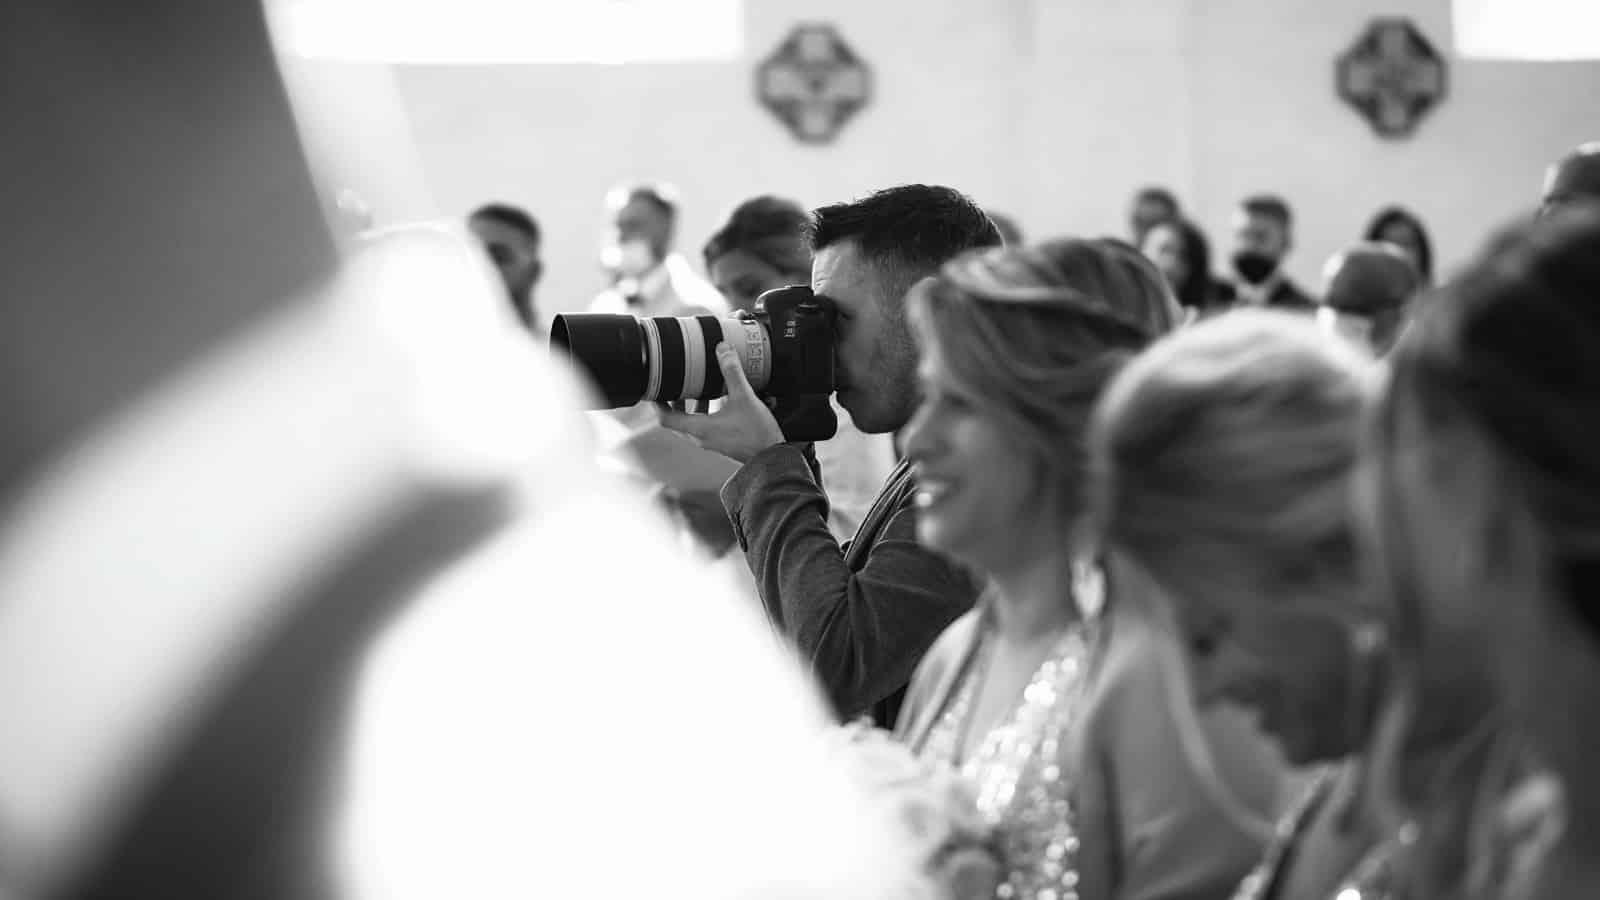 Photographe de Mariage, spécialisé dans la mise en images de vos évènements particuliers et professionnels à Paris (75), en France et à l'International